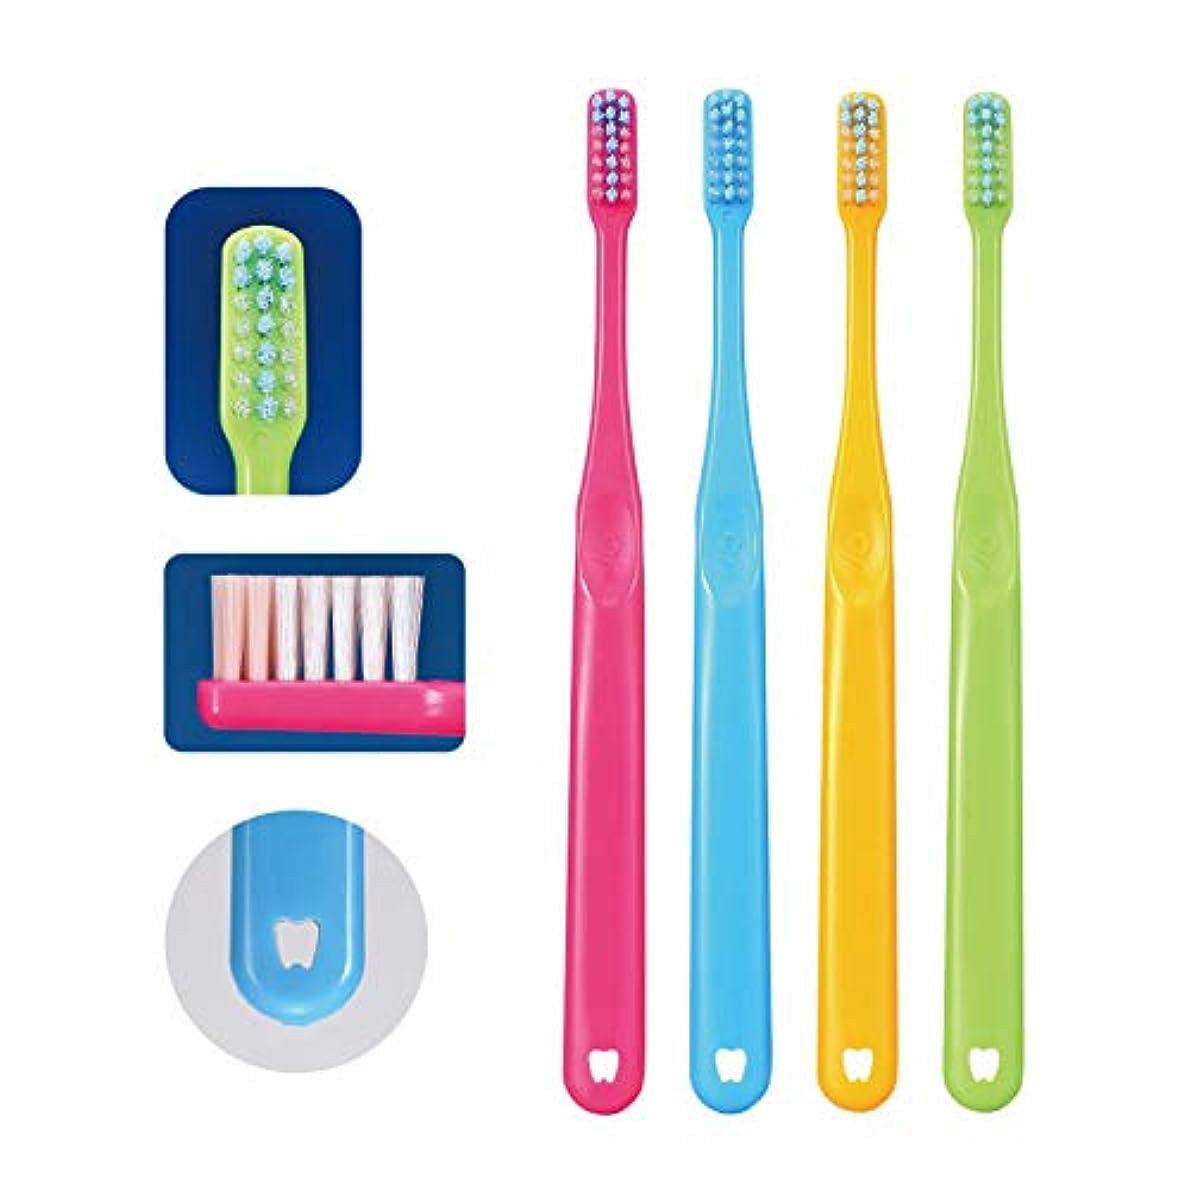 結晶振幅配分Ci PRO PLUS プロプラス 歯ブラシ 20本 S(やわらかめ) 日本製 プラーク除去 歯科専売品